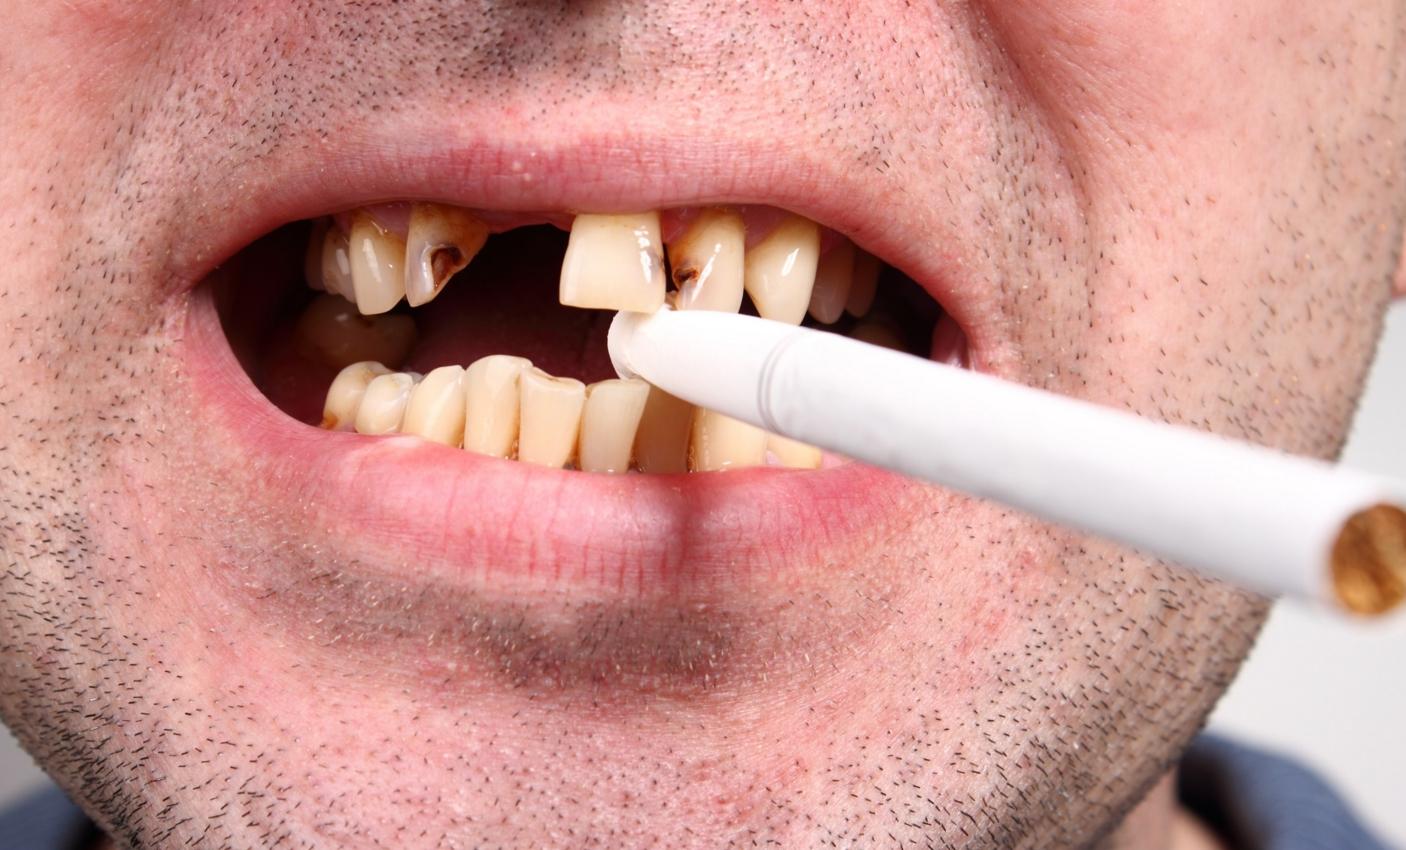 Стоматологи назвали опасные для здоровья зубов привычки